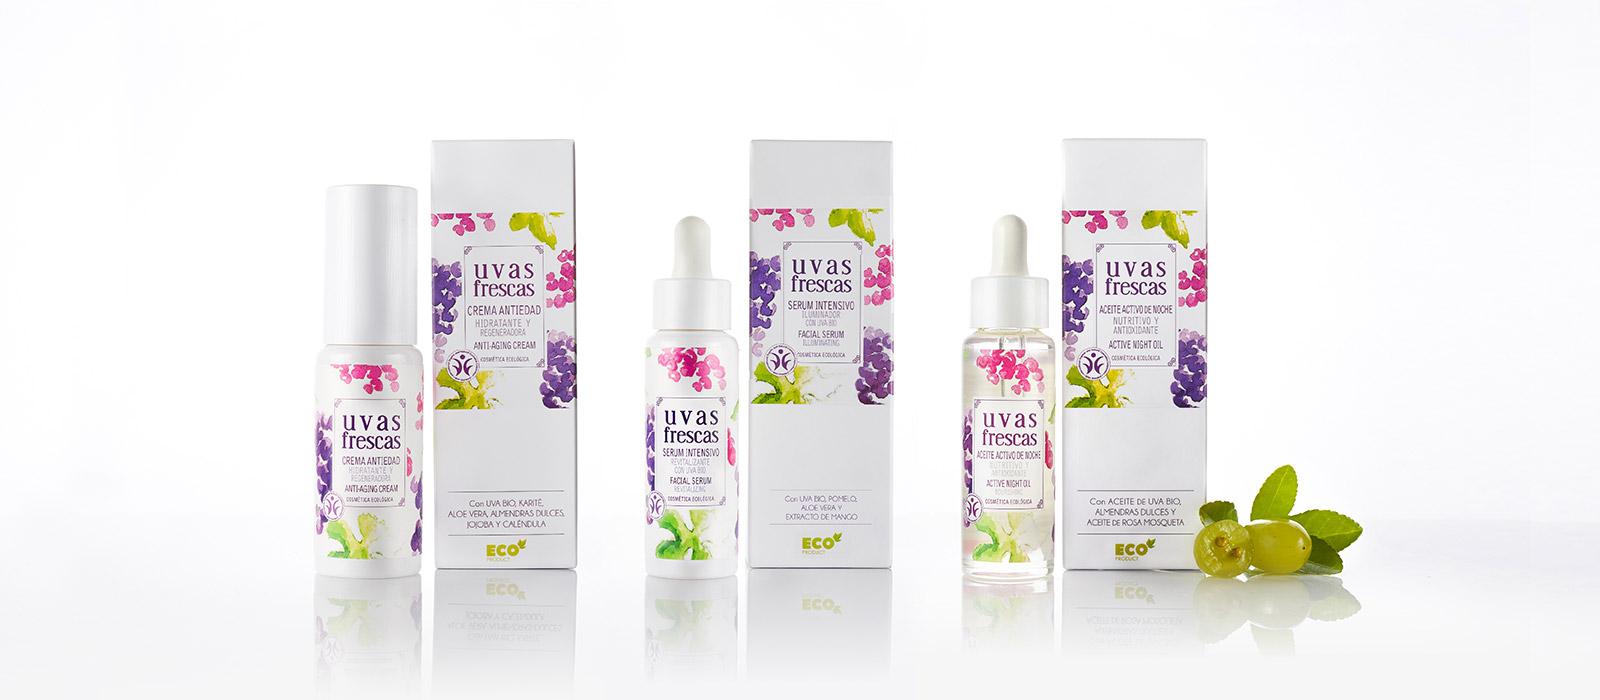 Productos de cosmética ecológica certificada